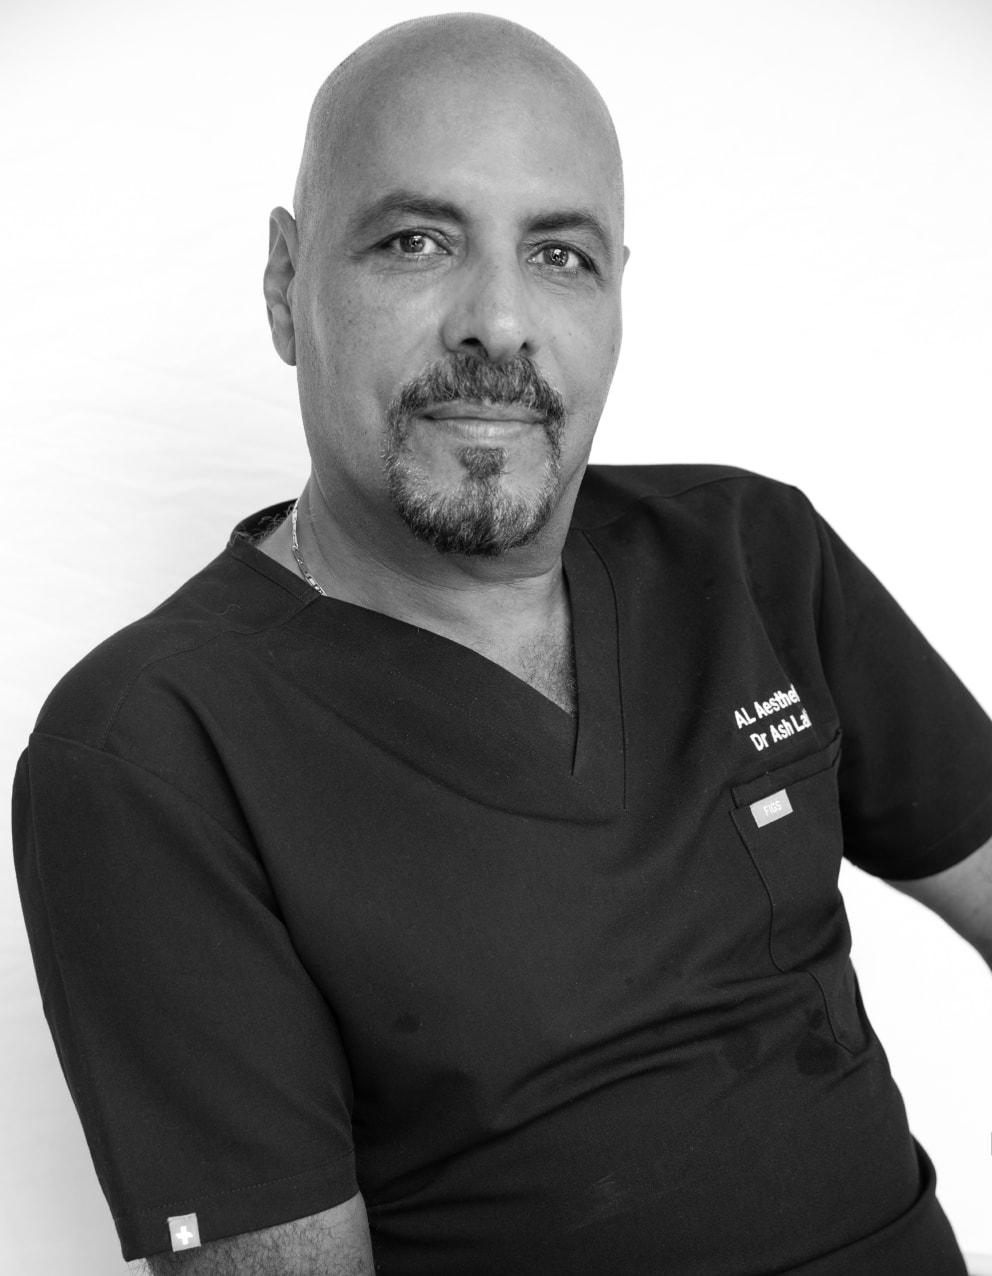 Dr Ash Labib in black and white